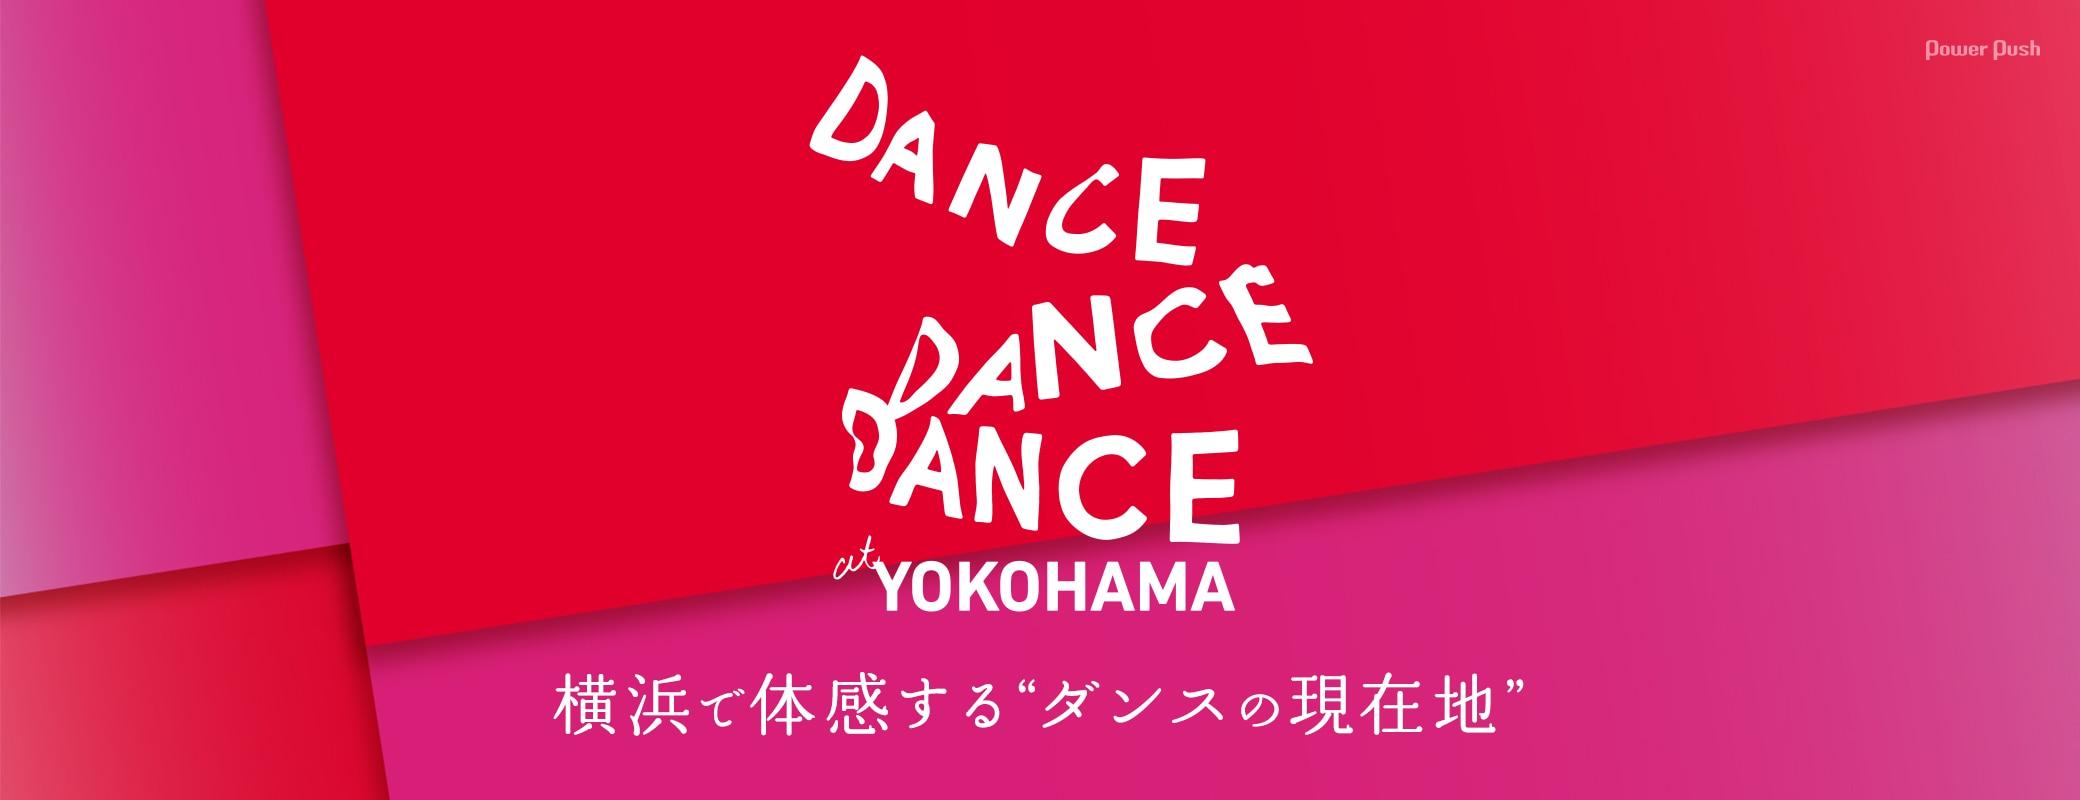 「Dance Dance Dance @ YOKOHAMA 2021」